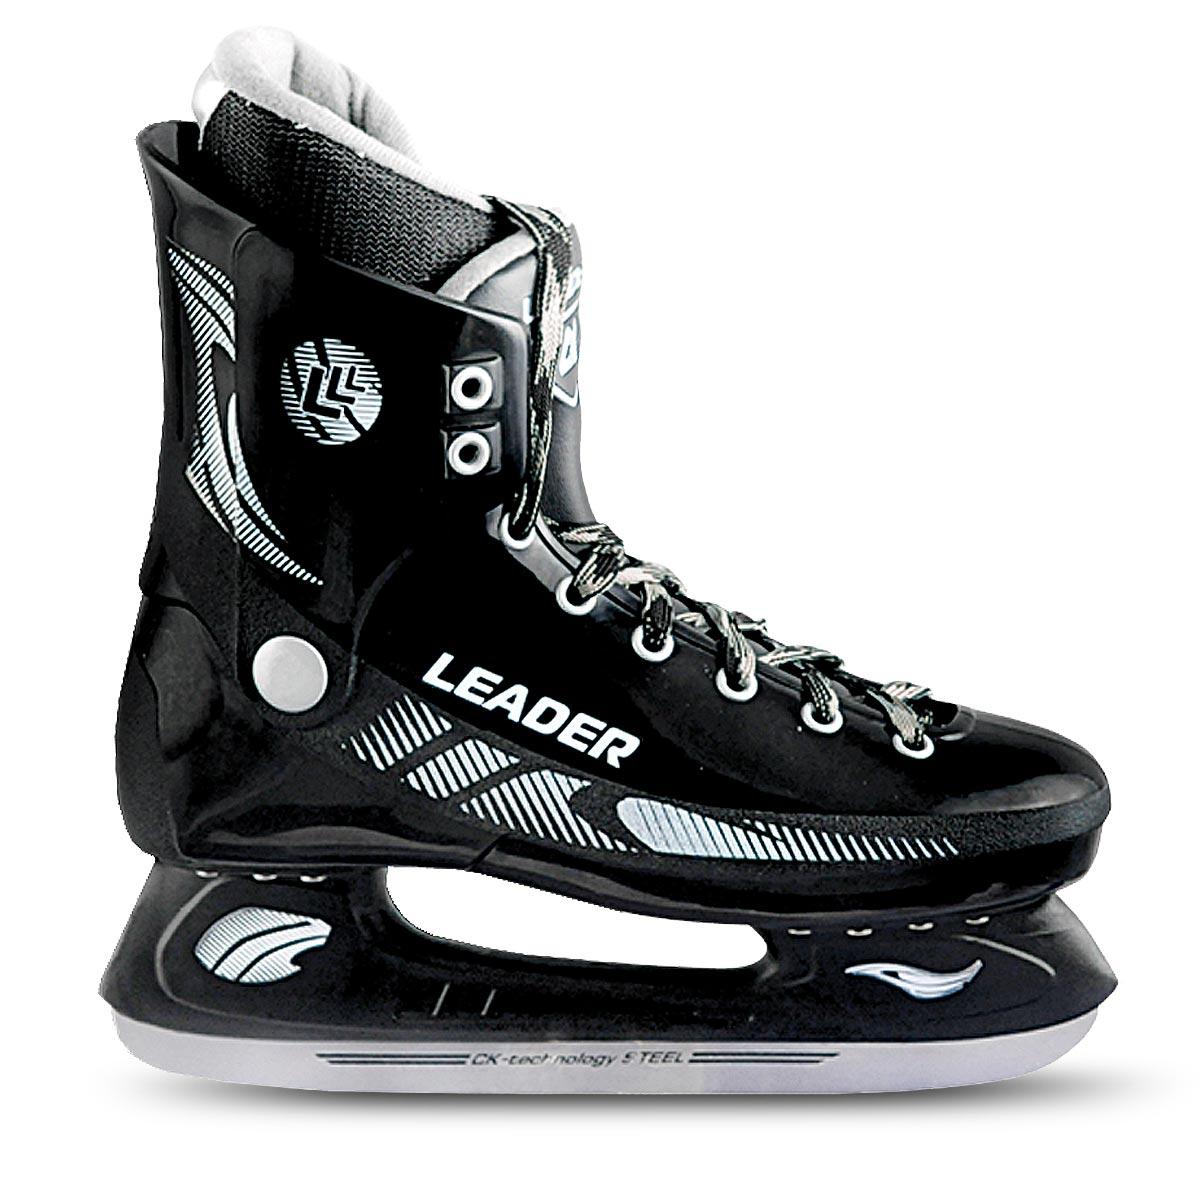 Коньки хоккейные для мальчика СК Leader, цвет: черный. Размер 36LEADER_черный_36Стильные коньки для мальчика от CK Leader с ударопрочной защитной конструкцией прекрасно подойдут для начинающих игроков в хоккей. Ботинки изготовлены из морозостойкого пластика, который защитит ноги от ударов. Верх изделия оформлен шнуровкой, которая надежно фиксируют голеностоп. Внутренний сапожок, выполненный из комбинации капровелюра и искусственной кожи, обеспечит тепло и комфорт во время катания. Подкладка и стелька исполнены из текстиля. Голеностоп имеет удобный суппорт. Усиленная двух-стаканная рама с одной из боковых сторон коньки декорирована принтом, а на язычке - тиснением в виде логотипа бренда. Подошва - из твердого ПВХ. Фигурное лезвие изготовлено из нержавеющей углеродистой стали со специальным покрытием, придающим дополнительную прочность. Стильные коньки придутся по душе вашему ребенку.